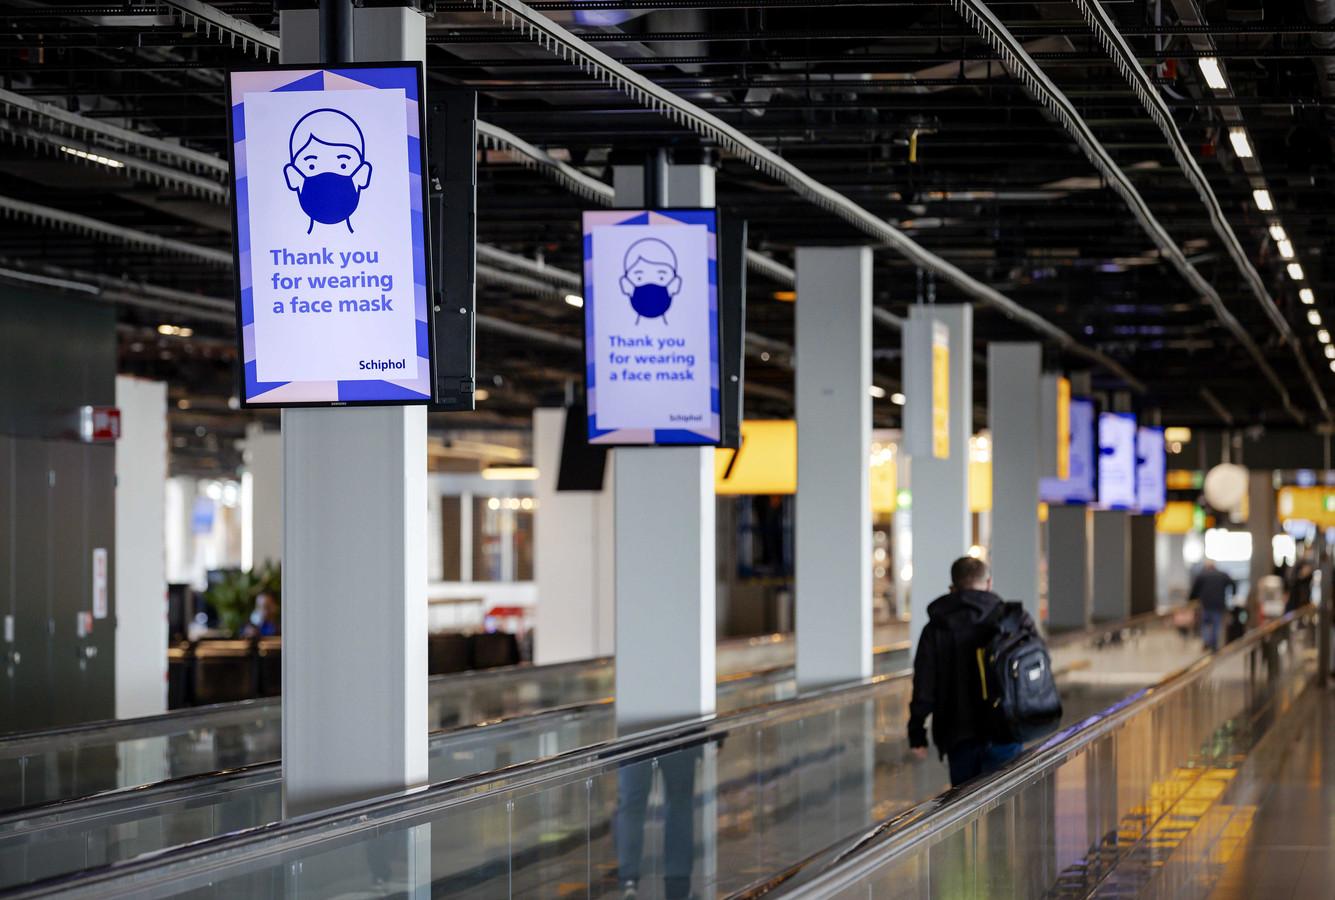 Schiphol Airport, vanwege de tweede coronagolf geldt er een dwingend negatief reisadvies voor reizen naar het buitenland